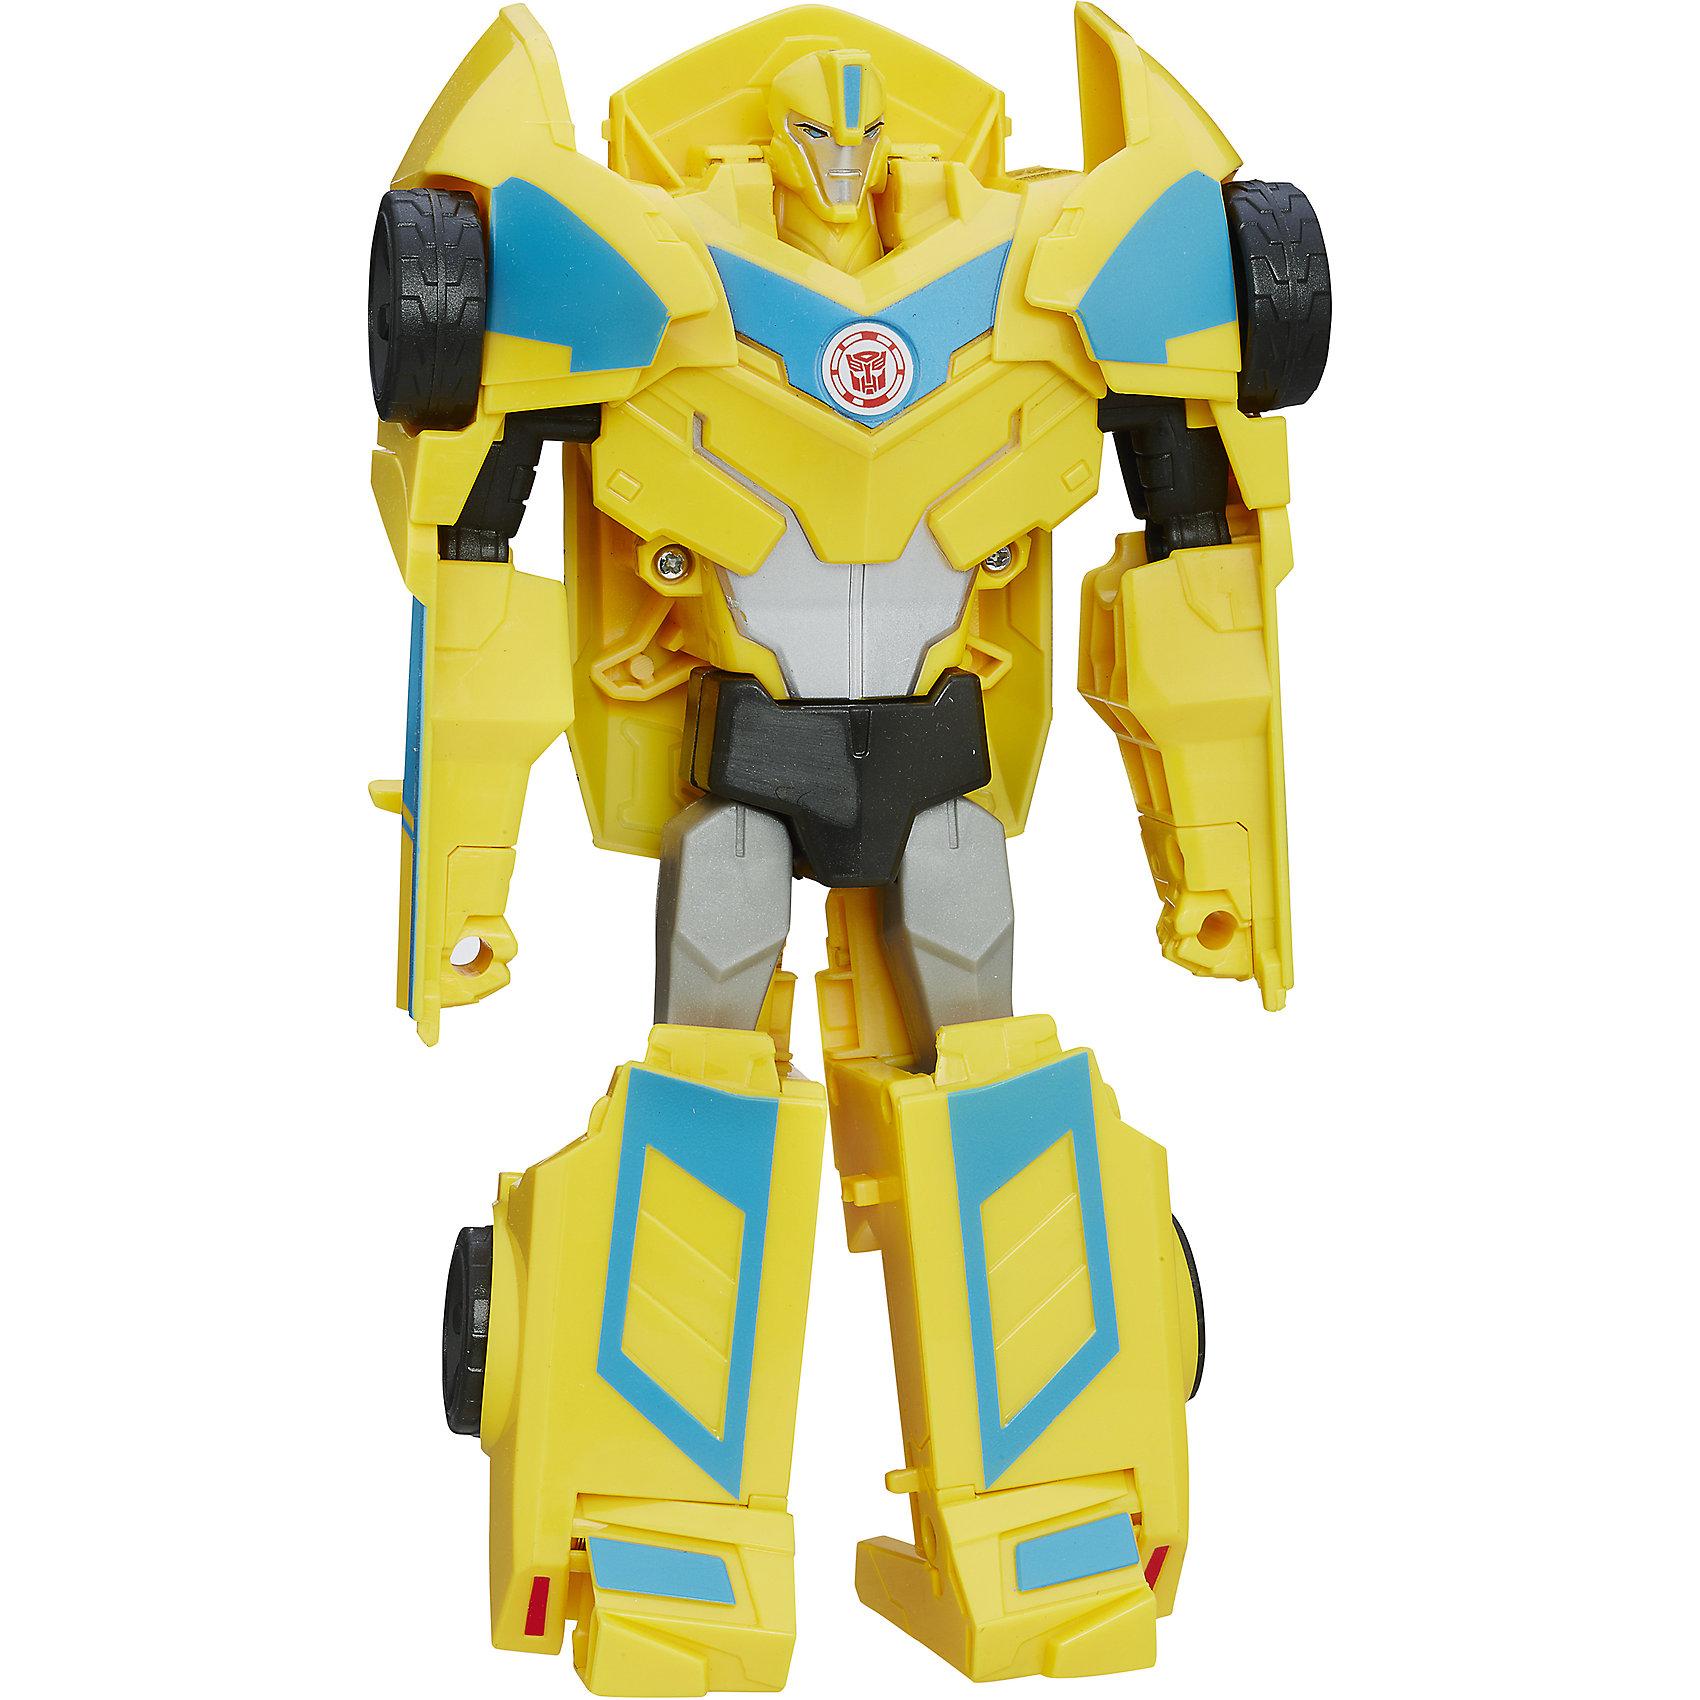 Роботс-ин-Дисгайс Гиперчэндж, Трансформеры, B0067/B6808Игрушки<br>Характеристики:<br><br>• Вид игр: сюжетно-ролевые, коллекционирование<br>• Пол: для мальчиков<br>• Коллекция: Трансформеры<br>• Материал: пластик<br>• Высота робота: от 12 см<br>• Трансформируется в машинку<br>• На фигурке имеется сканируемая наклейка, которая открывает доступ и дополнительные возможности в бесплатном мобильном приложении Hasbro Robots in Disguise<br>• Вес в упаковке: 300 г<br>• Размеры упаковки (Г*Ш*В): 15*6*17,5 см<br>• Упаковка: блистер на картонной подложке<br><br>Роботс-ин-Дисгайс Гиперчэндж, Бамблби, Трансформеры, B0067/B6808, B0067/B6808 от Хасбро – это коллекция трансформеров-роботов, созданных по мотивам популярного мультсериала Трансформеры: Роботы под прикрытием. Коллекция включает в себя роботов двух враждующих кланов. Каждая фигурка трансформируется либо в машину, либо в монстра или динозавра. Фигурки героев данной серии выполнены из безопасного и устойчивого к ударам пластика, окрашены нетоксичной краской. На груди робота имеется сканируемая наклейка, которая открывает доступ и дополнительные возможности в бесплатном мобильном приложении Hasbro Robots in Disguise. Фигурка выполнена с высокой степенью детализации. Сюжетно-ролевые игры с Роботс-ин-Дисгайс Гиперчэндж, Бамблби, Трансформеры, B0067/B6808, B0067/B6808 будут способствовать эмоциональному развитию ребенка, а разыгрываемые сюжеты с любимыми героями позволят развивать память и воображение. <br><br>Роботс-ин-Дисгайс Гиперчэндж, Бамблби, Трансформеры, B0067/B6808, B0067/B6808 можно купить в нашем интернет-магазине.<br><br>Ширина мм: 79<br>Глубина мм: 203<br>Высота мм: 229<br>Вес г: 300<br>Возраст от месяцев: 60<br>Возраст до месяцев: 120<br>Пол: Мужской<br>Возраст: Детский<br>SKU: 5352846